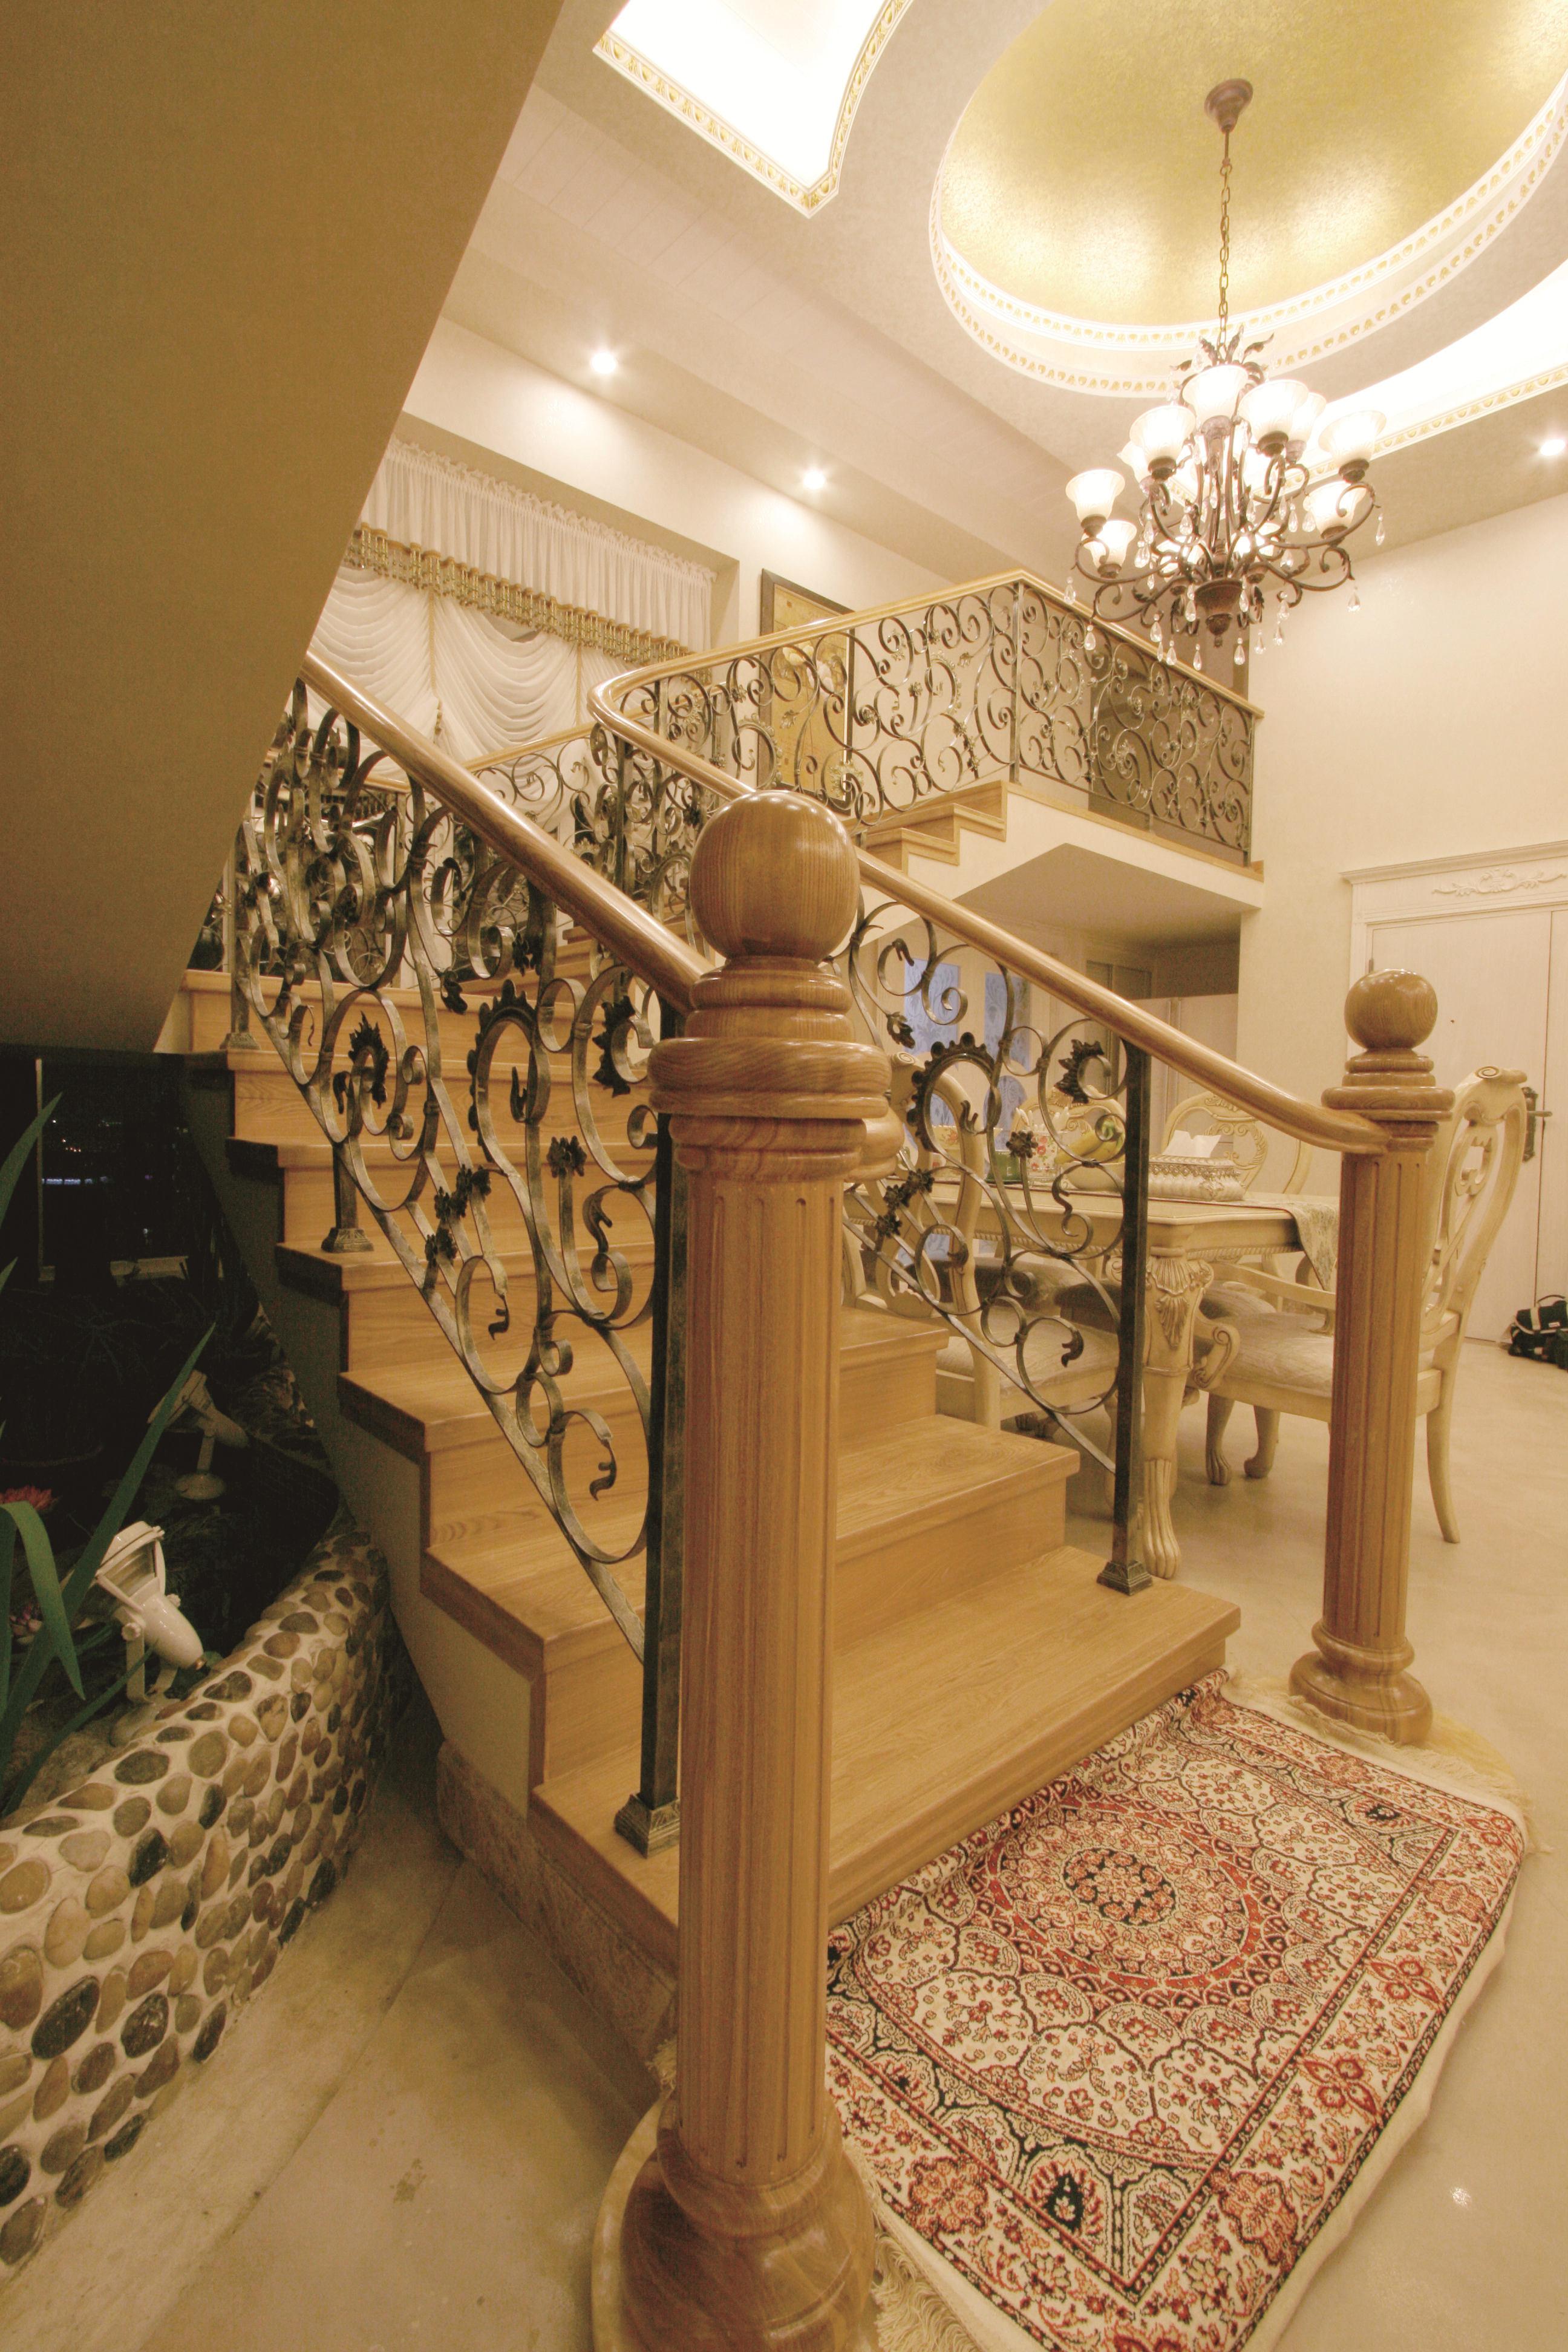 欧式 复式 80后 富贵堂煌 纯水岸 名雕装饰 楼梯图片来自名雕装饰设计在欧式-纯水岸200平富贵堂煌空间的分享